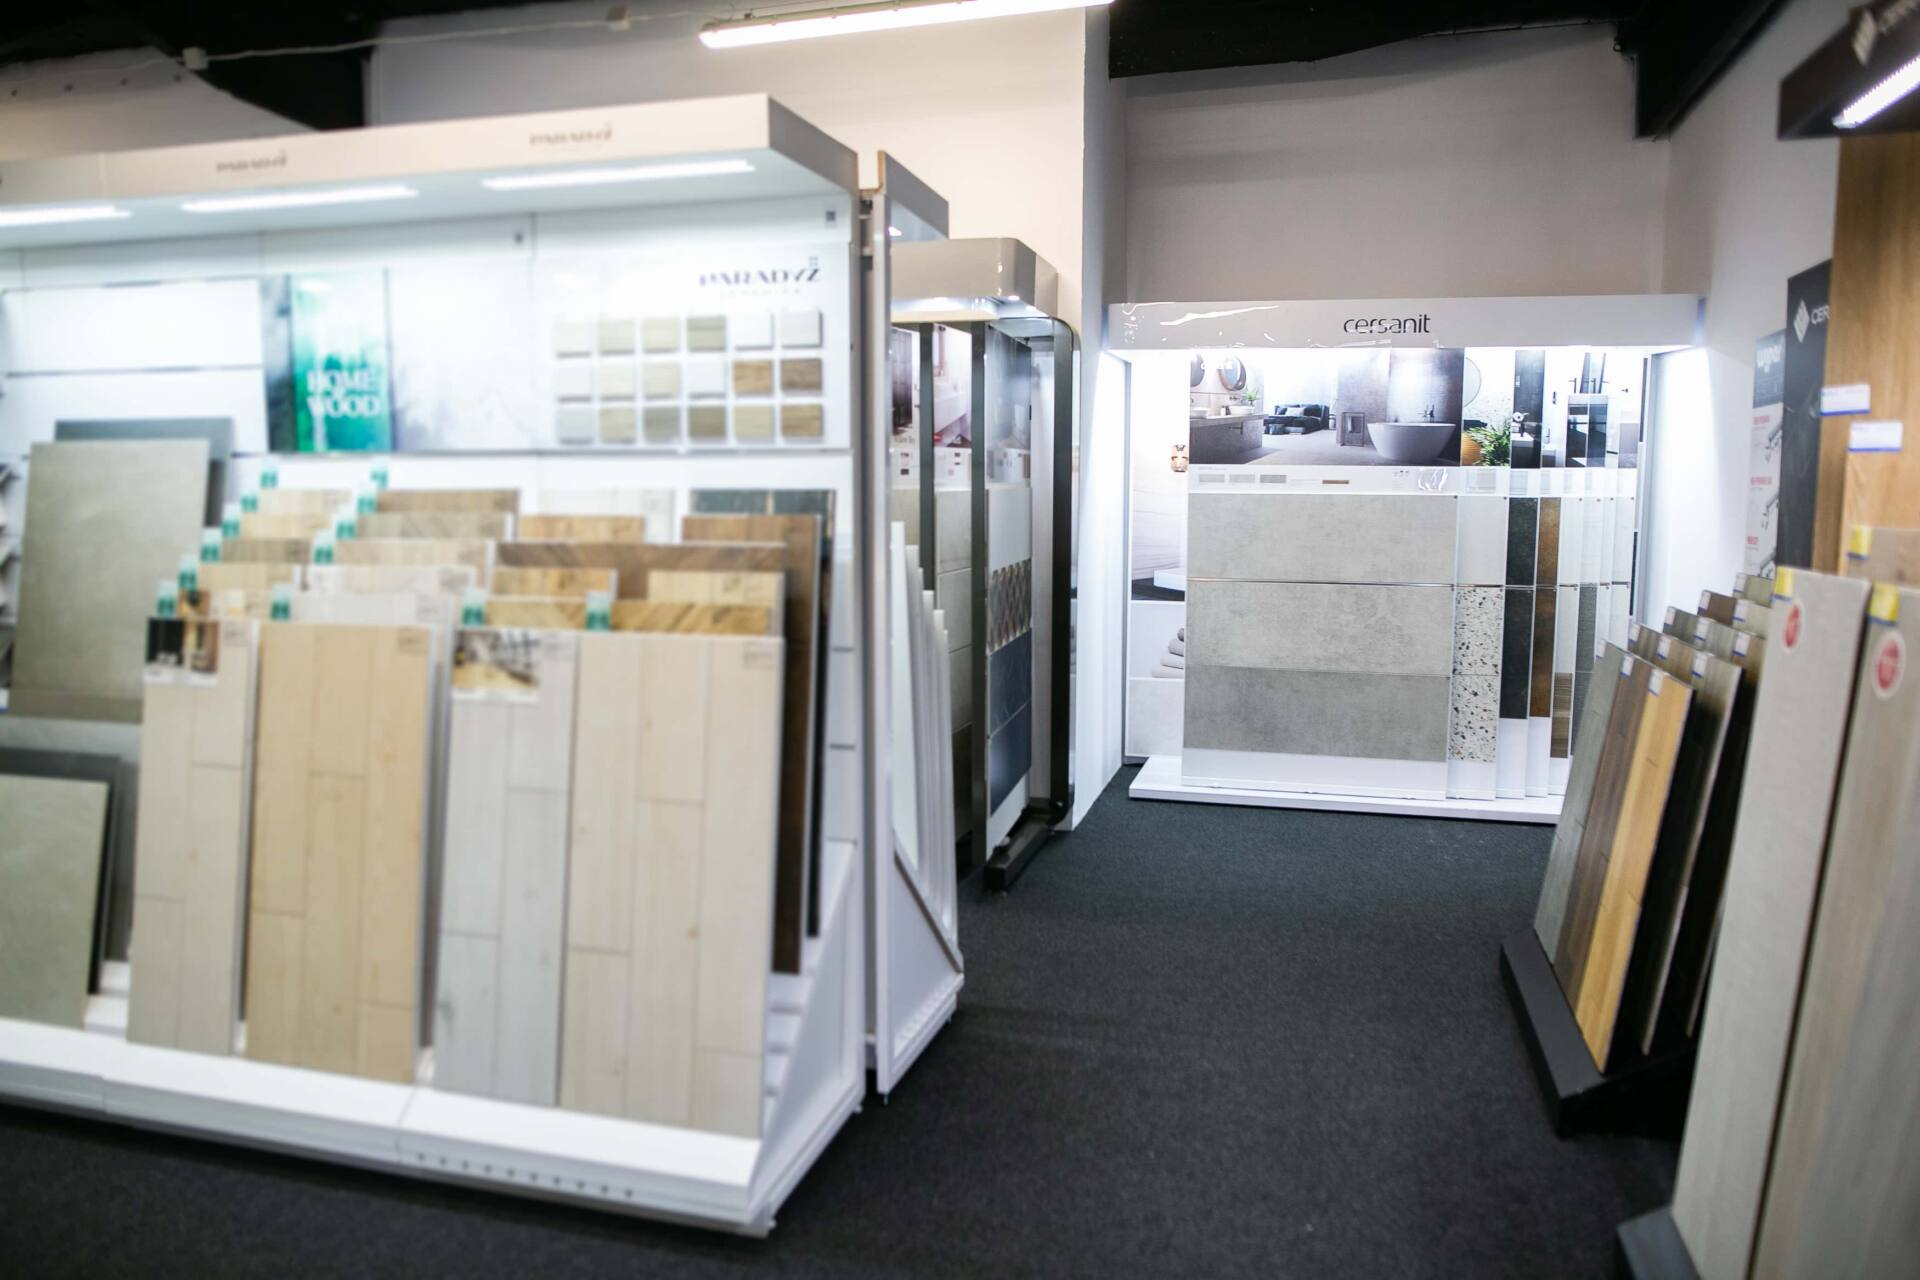 5db 5589 Salon BLU: na ponad 500 m2., 36 łazienkowych aranżacji i bogata ekspozycja wyposażenia (zdjęcia)